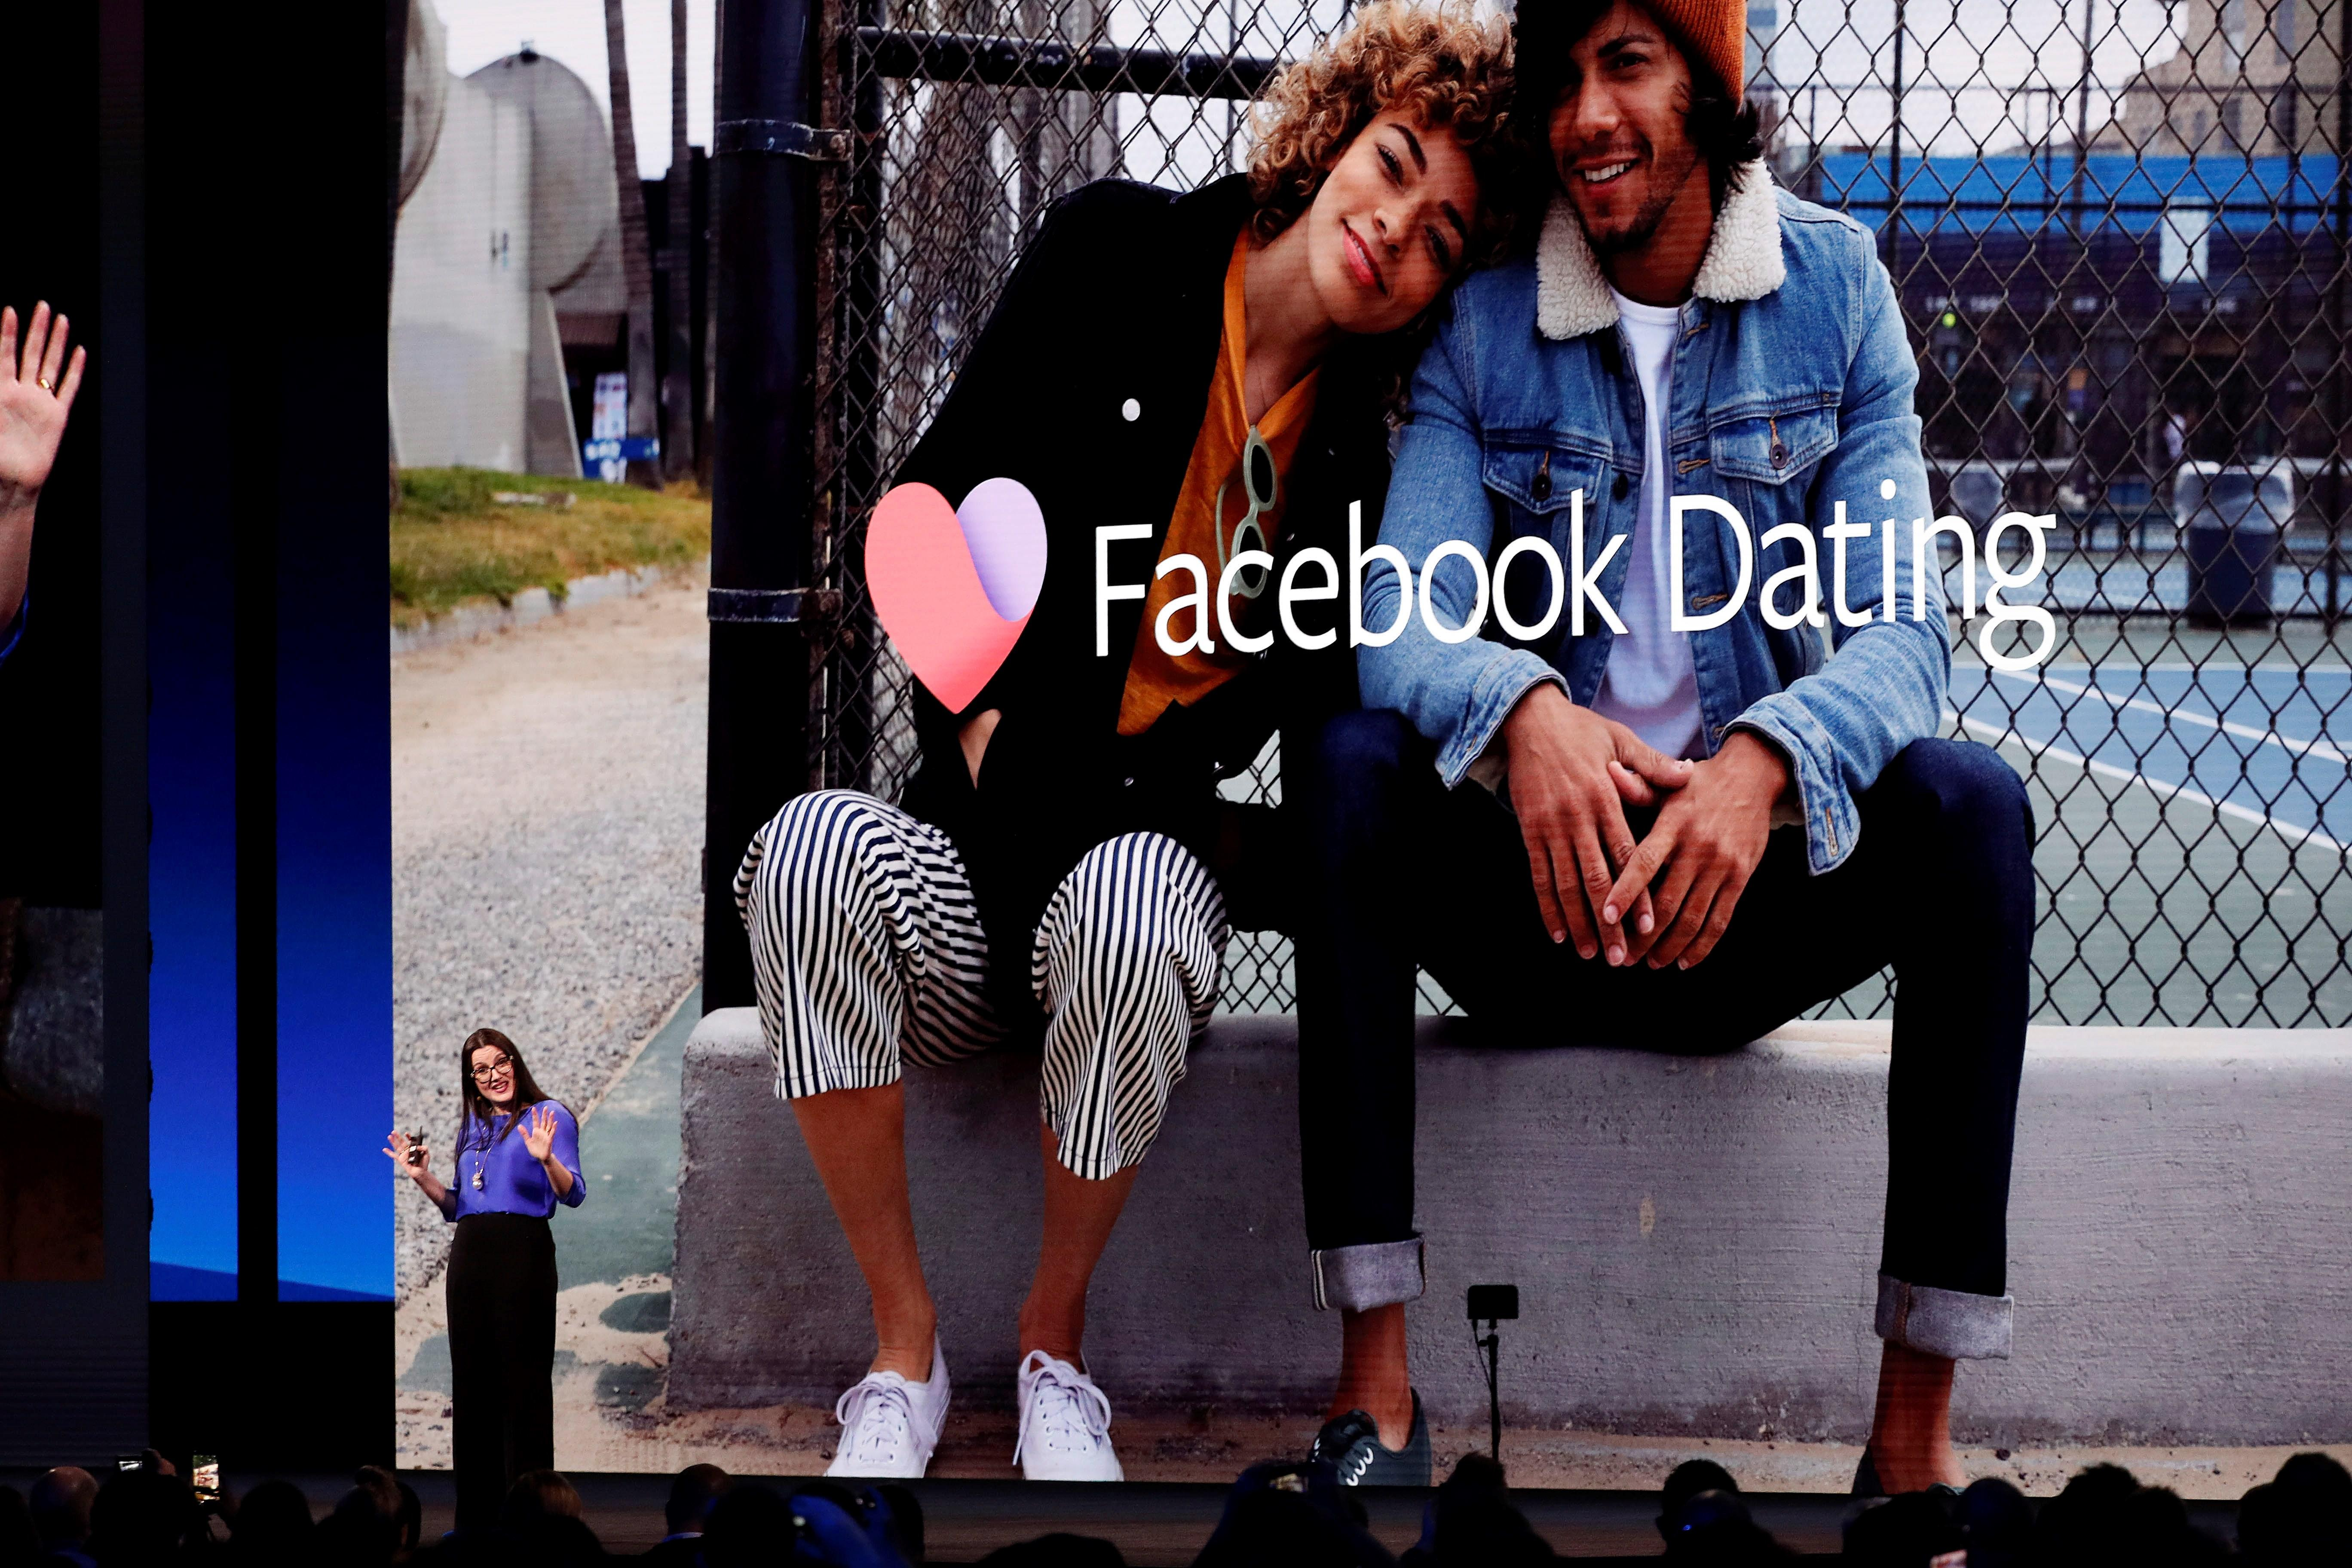 Durante la Conferencia de Desarrollo Facebook F8, Fidji Simo directora de aplicaciones presenta Facebook Dating, que busca competir con Tinder. (Foto Prensa Libre: EFE)